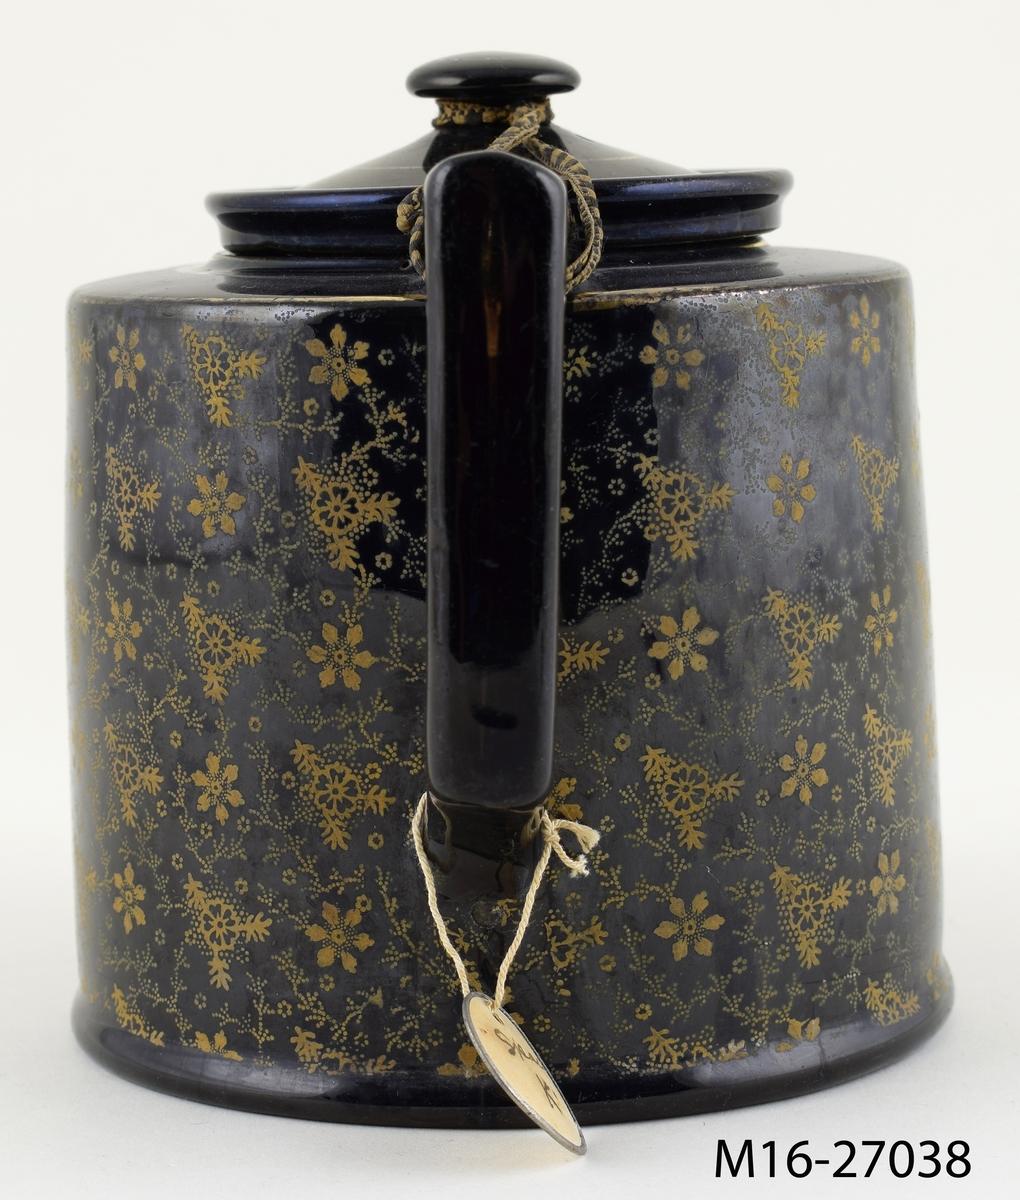 Tekanna, svart med tryckt småmönstrad dekor i brons/guld på de vertikala sidorna.